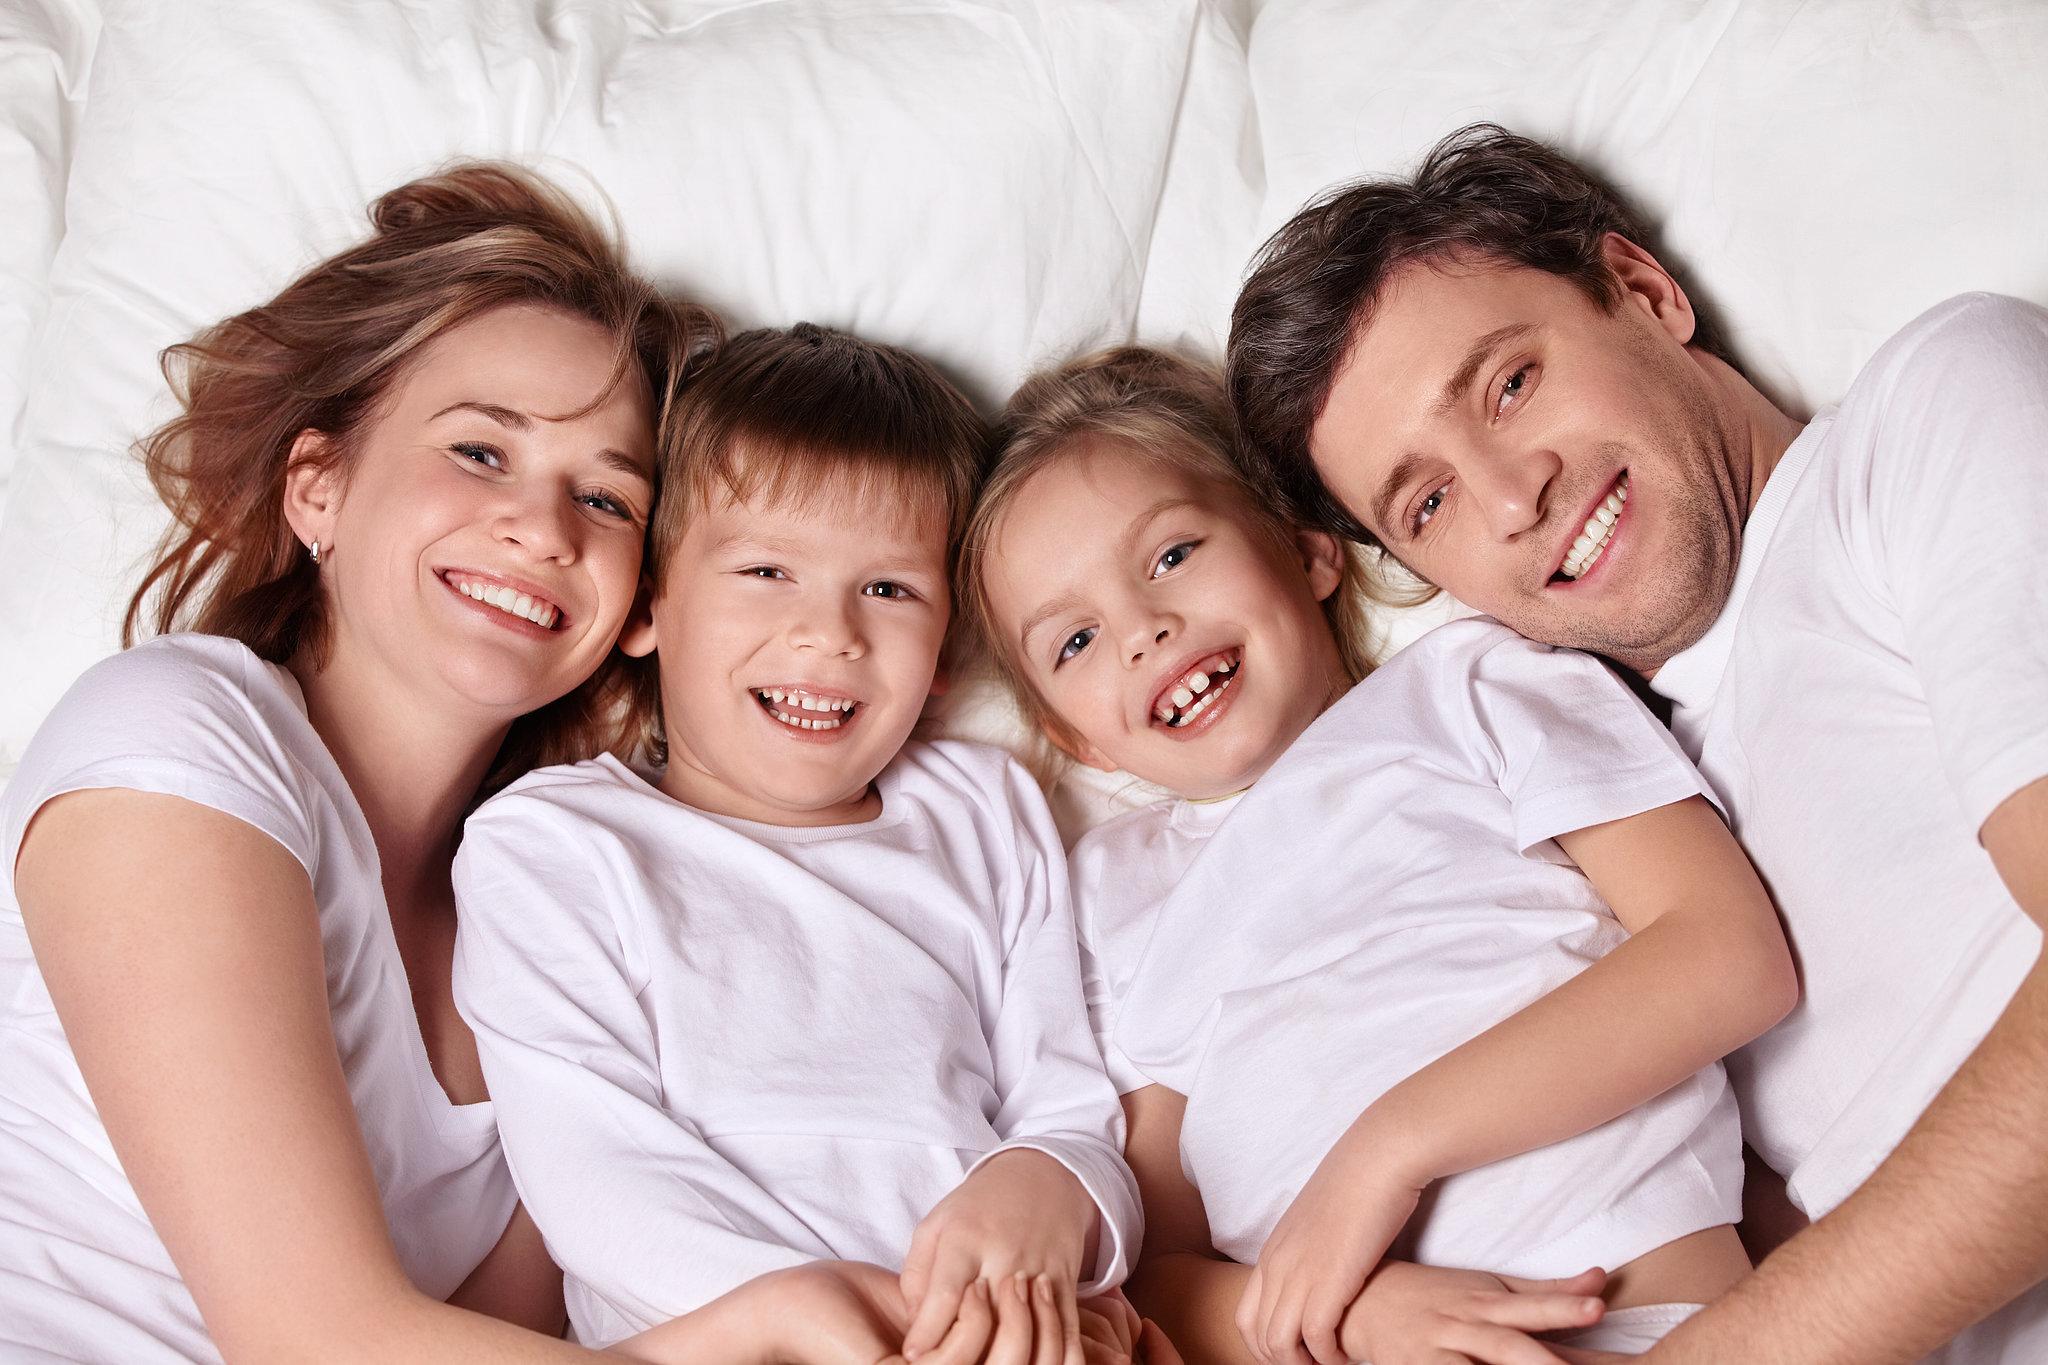 Семейное фото в постели 8 фотография